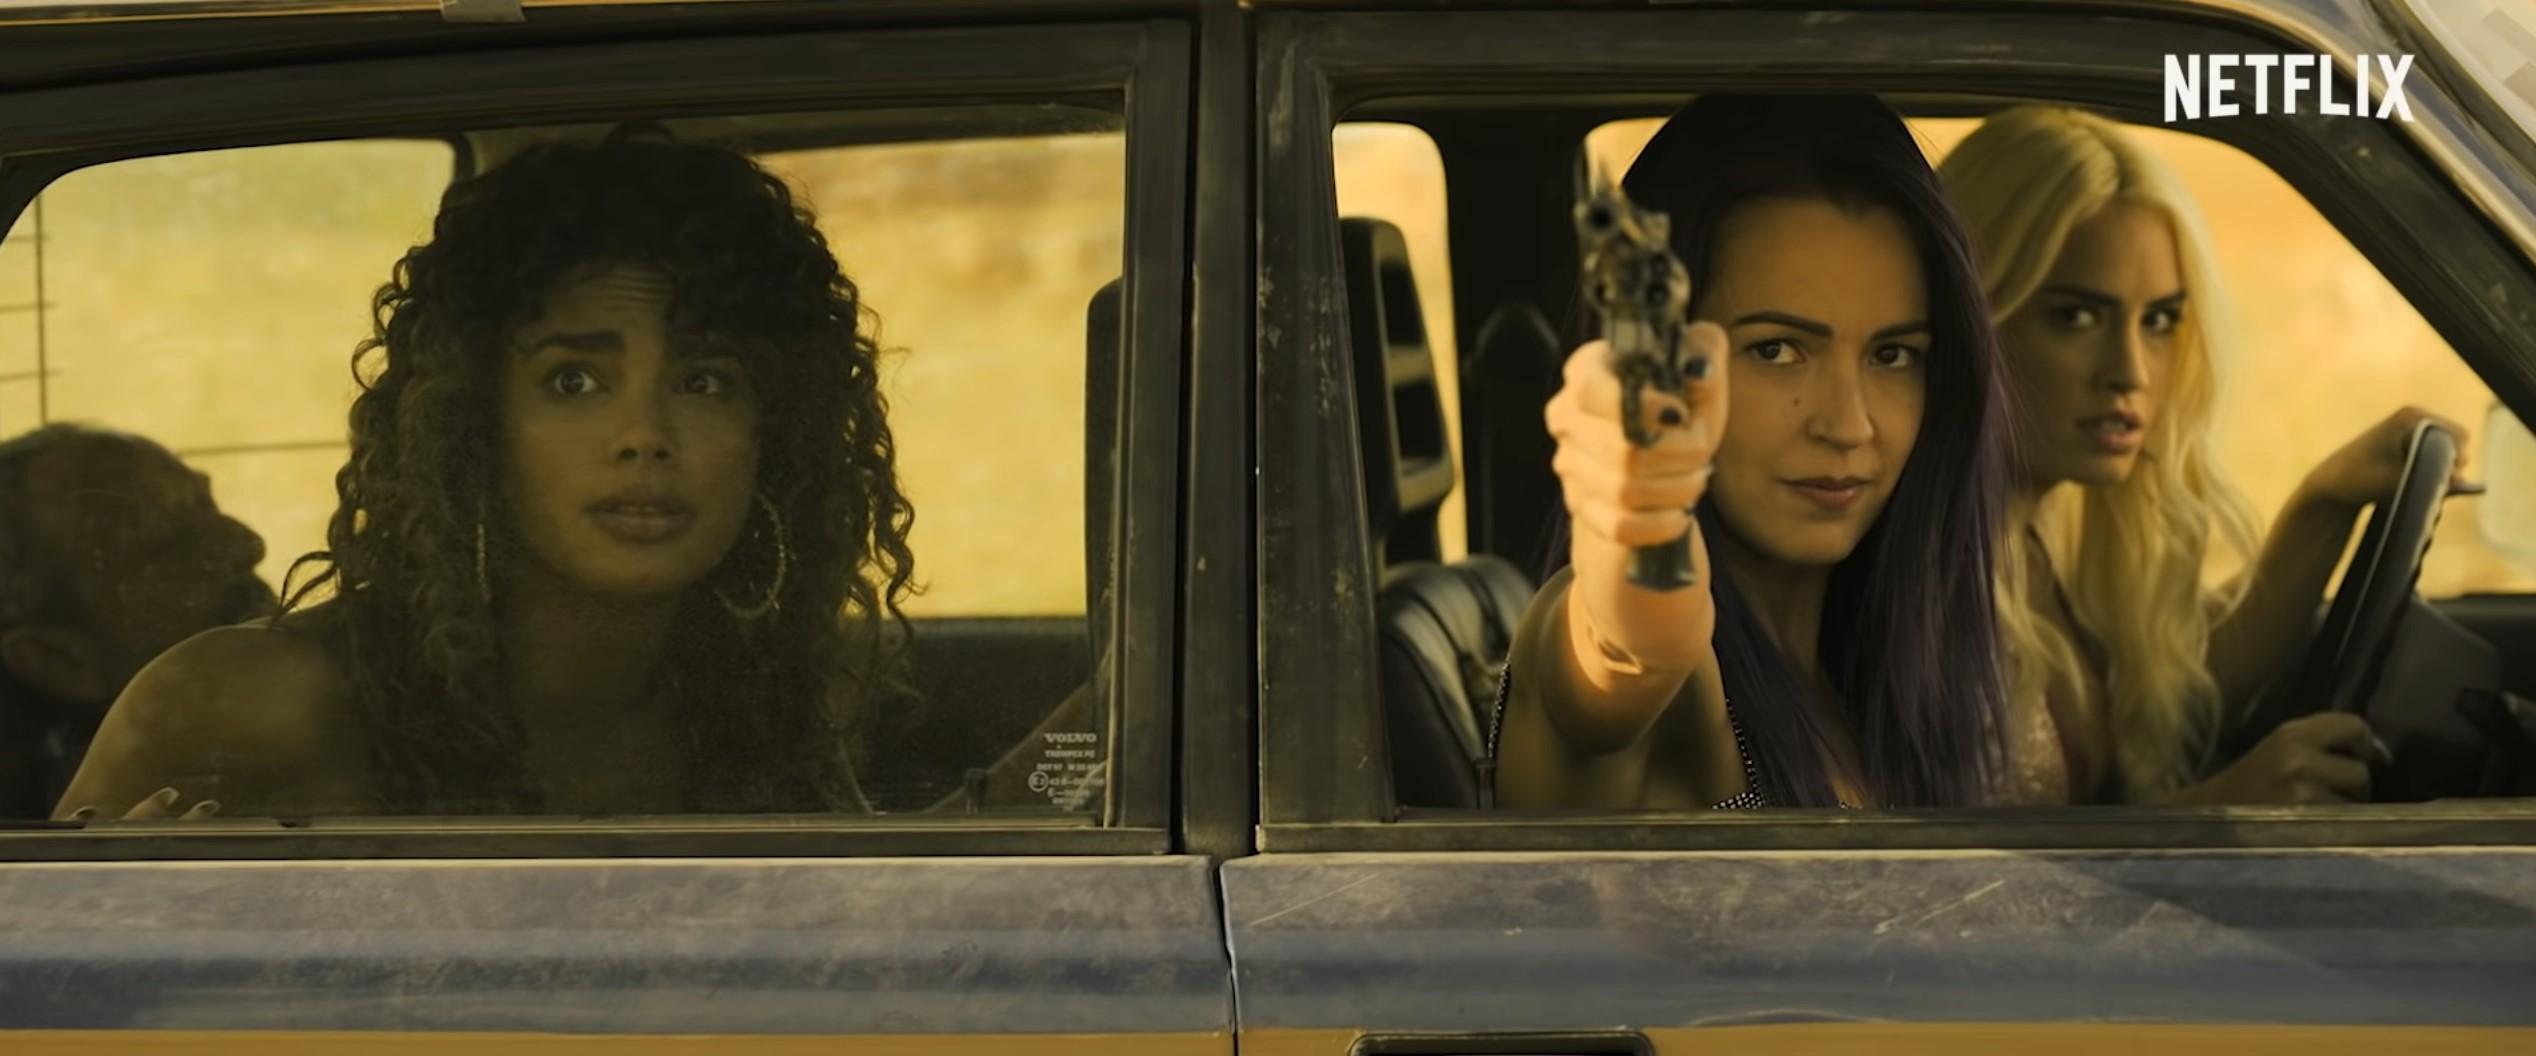 Sky Rojo Season 3 Release Date | Season 2 Was A Hot Success!